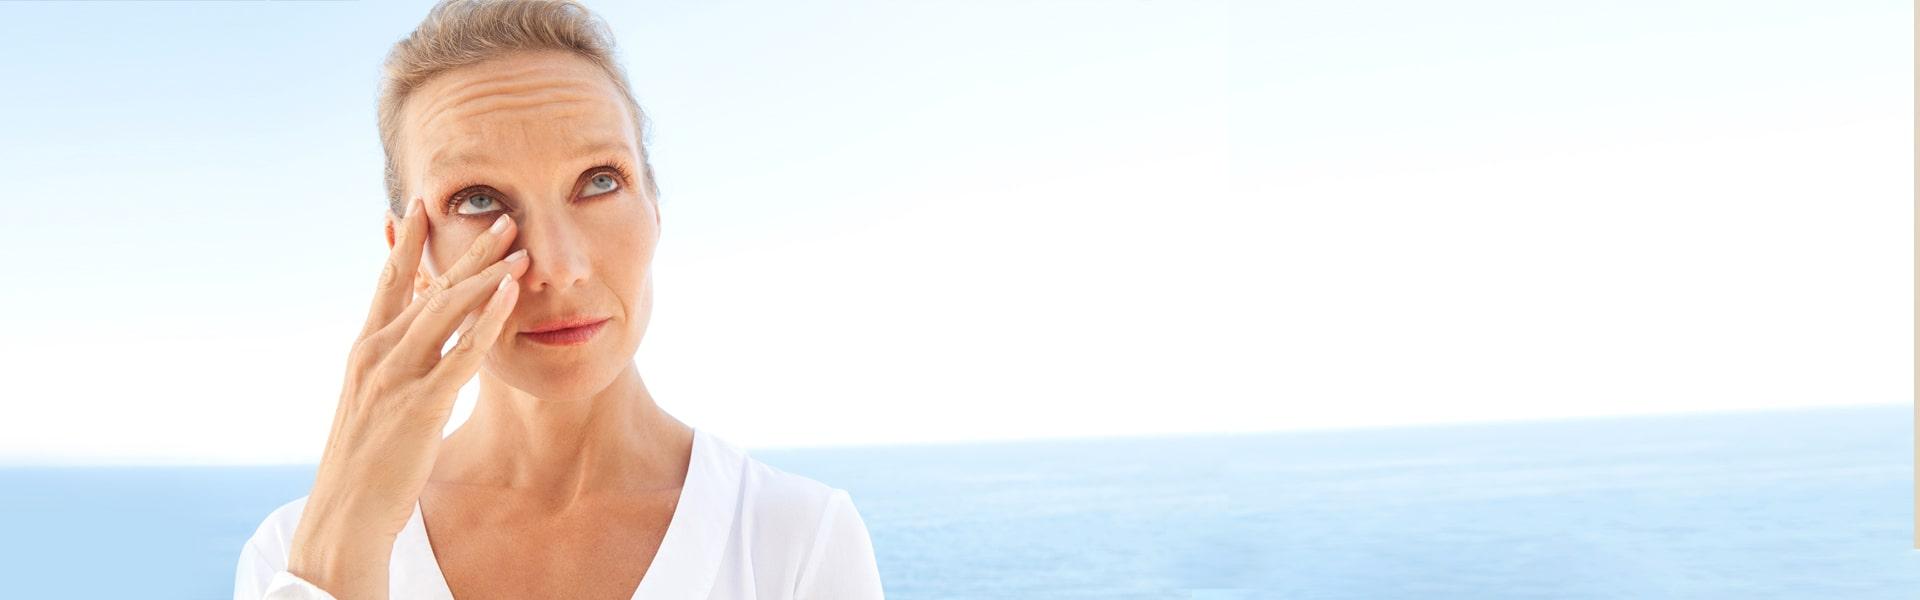 Get Dry Eye Treatment